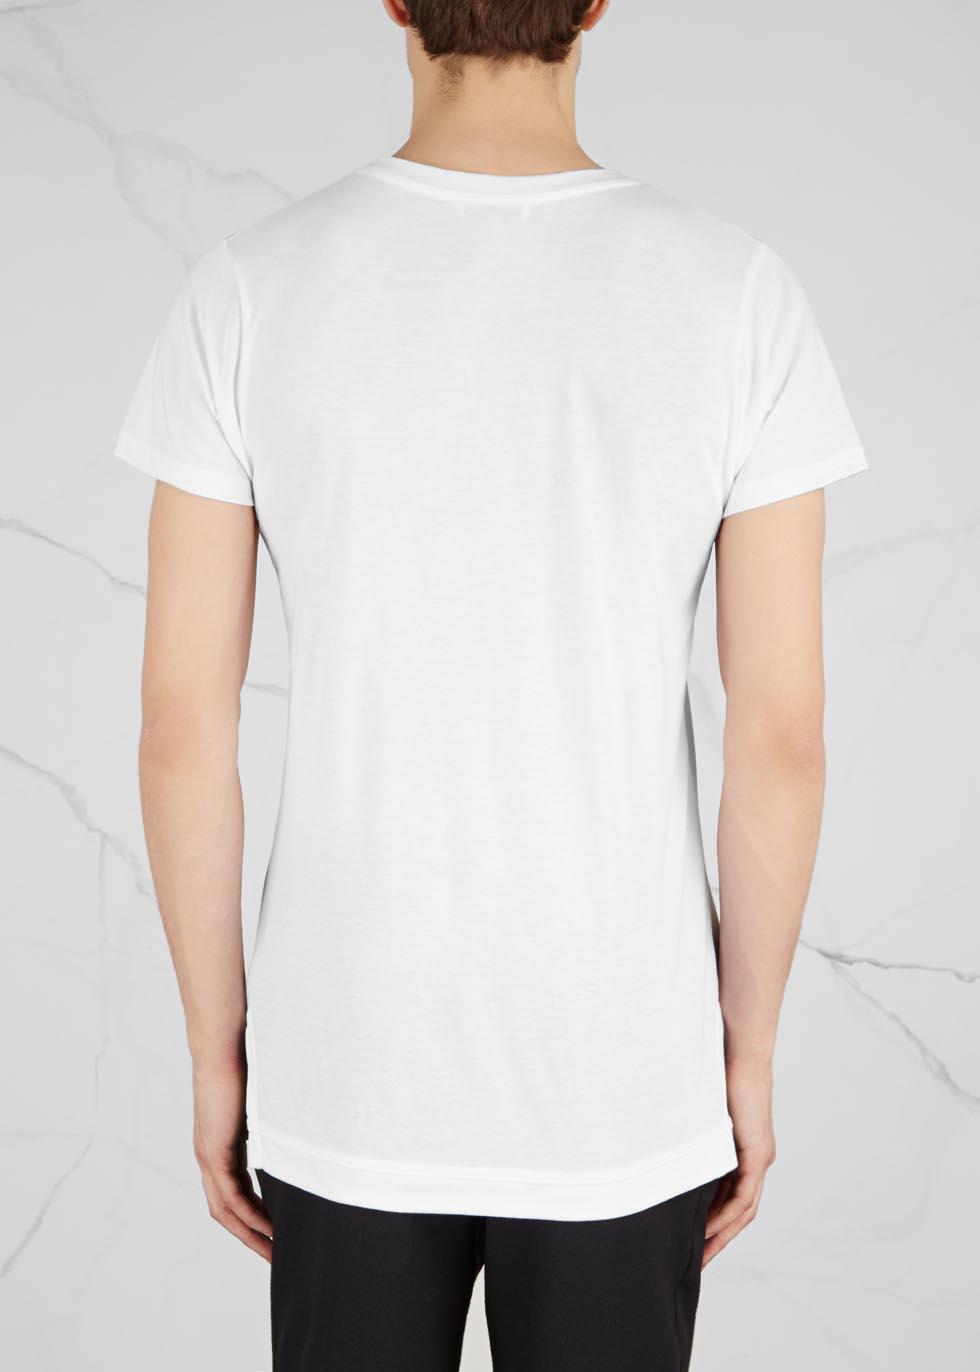 Mercer white jersey T-shirt - John Elliott